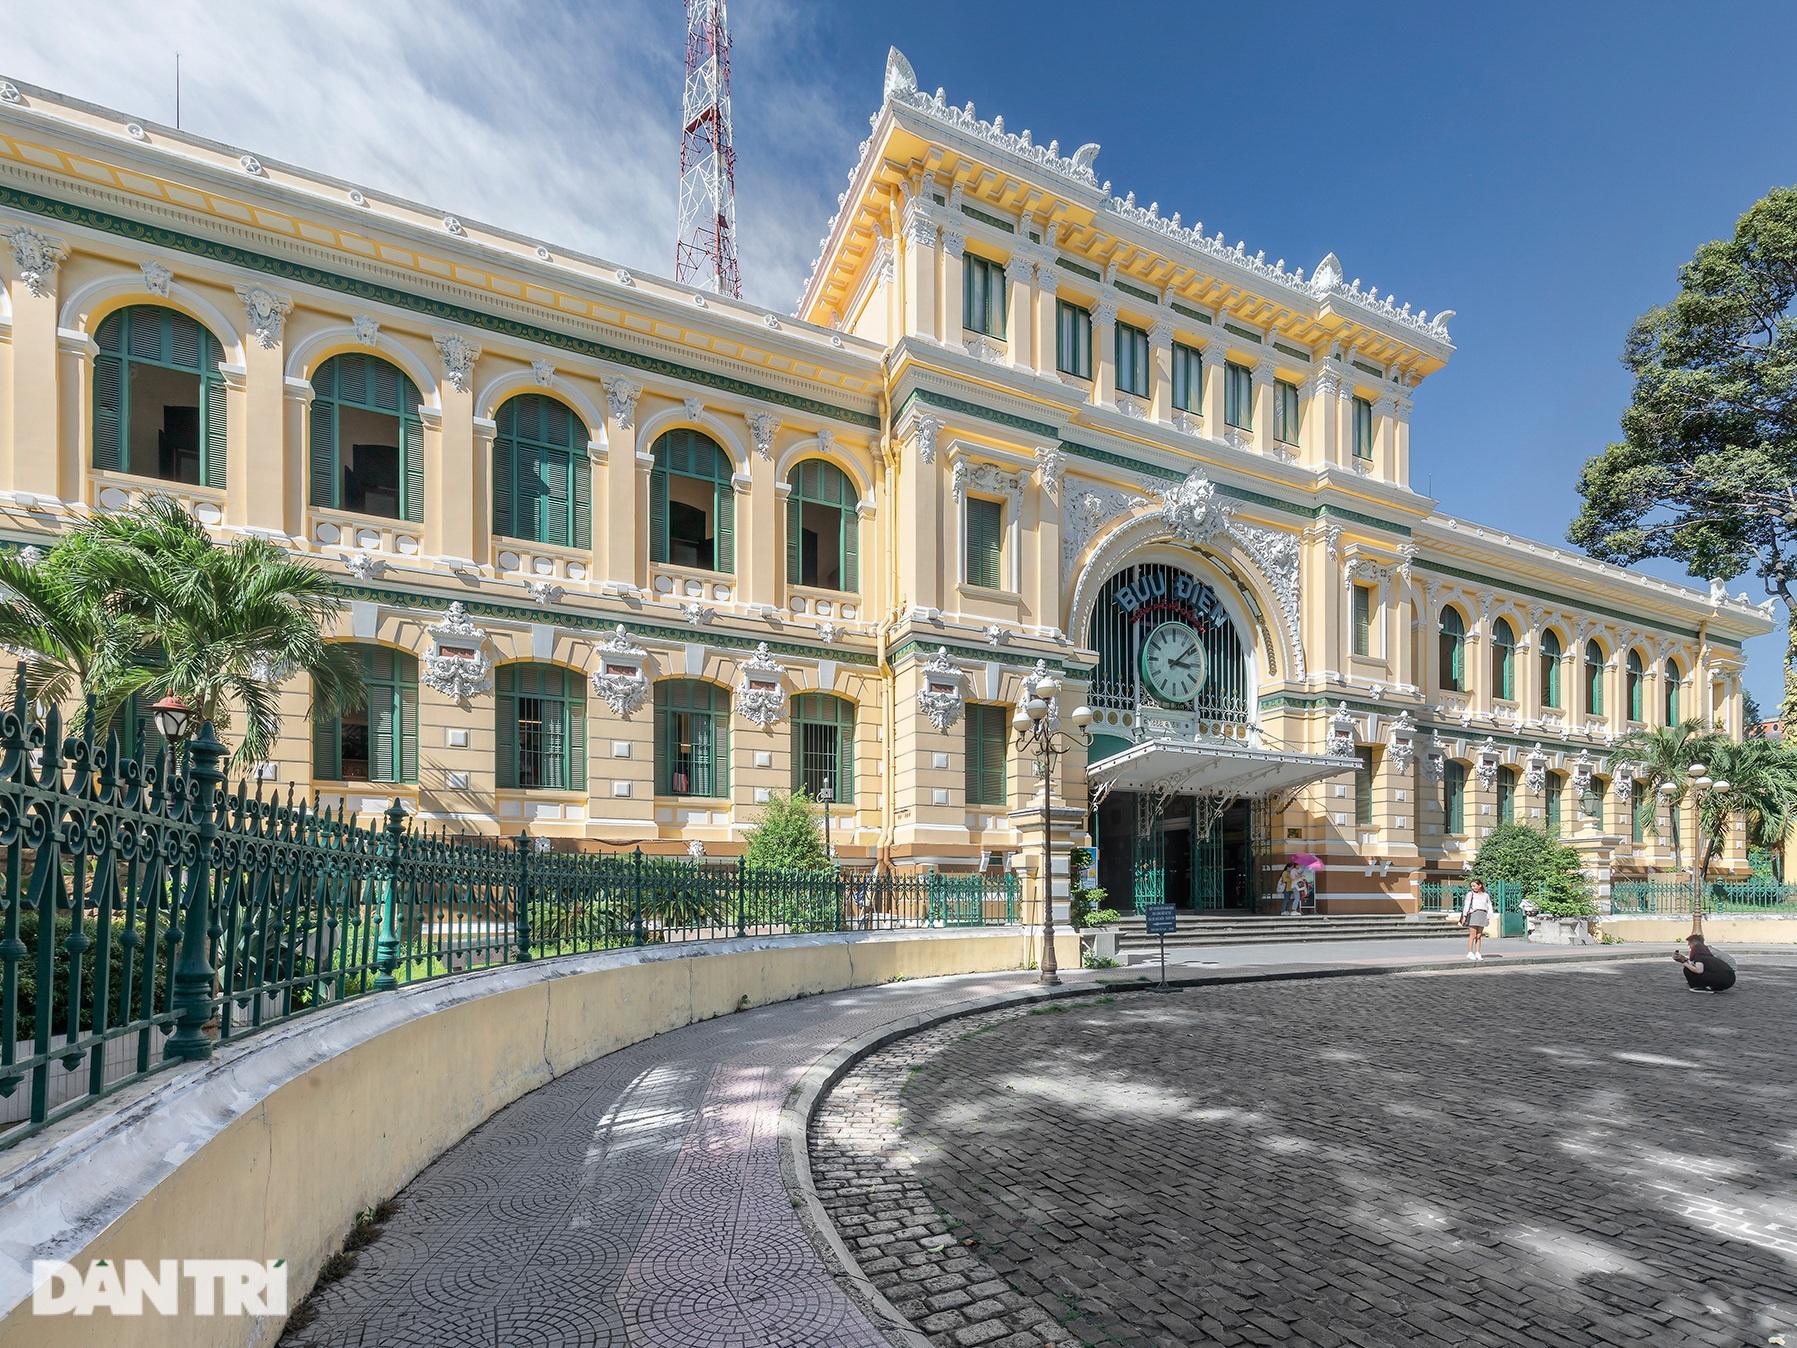 Thành phố Hồ Chí Minh - Vẻ đẹp của một Siêu đô thị hiện đại - 2